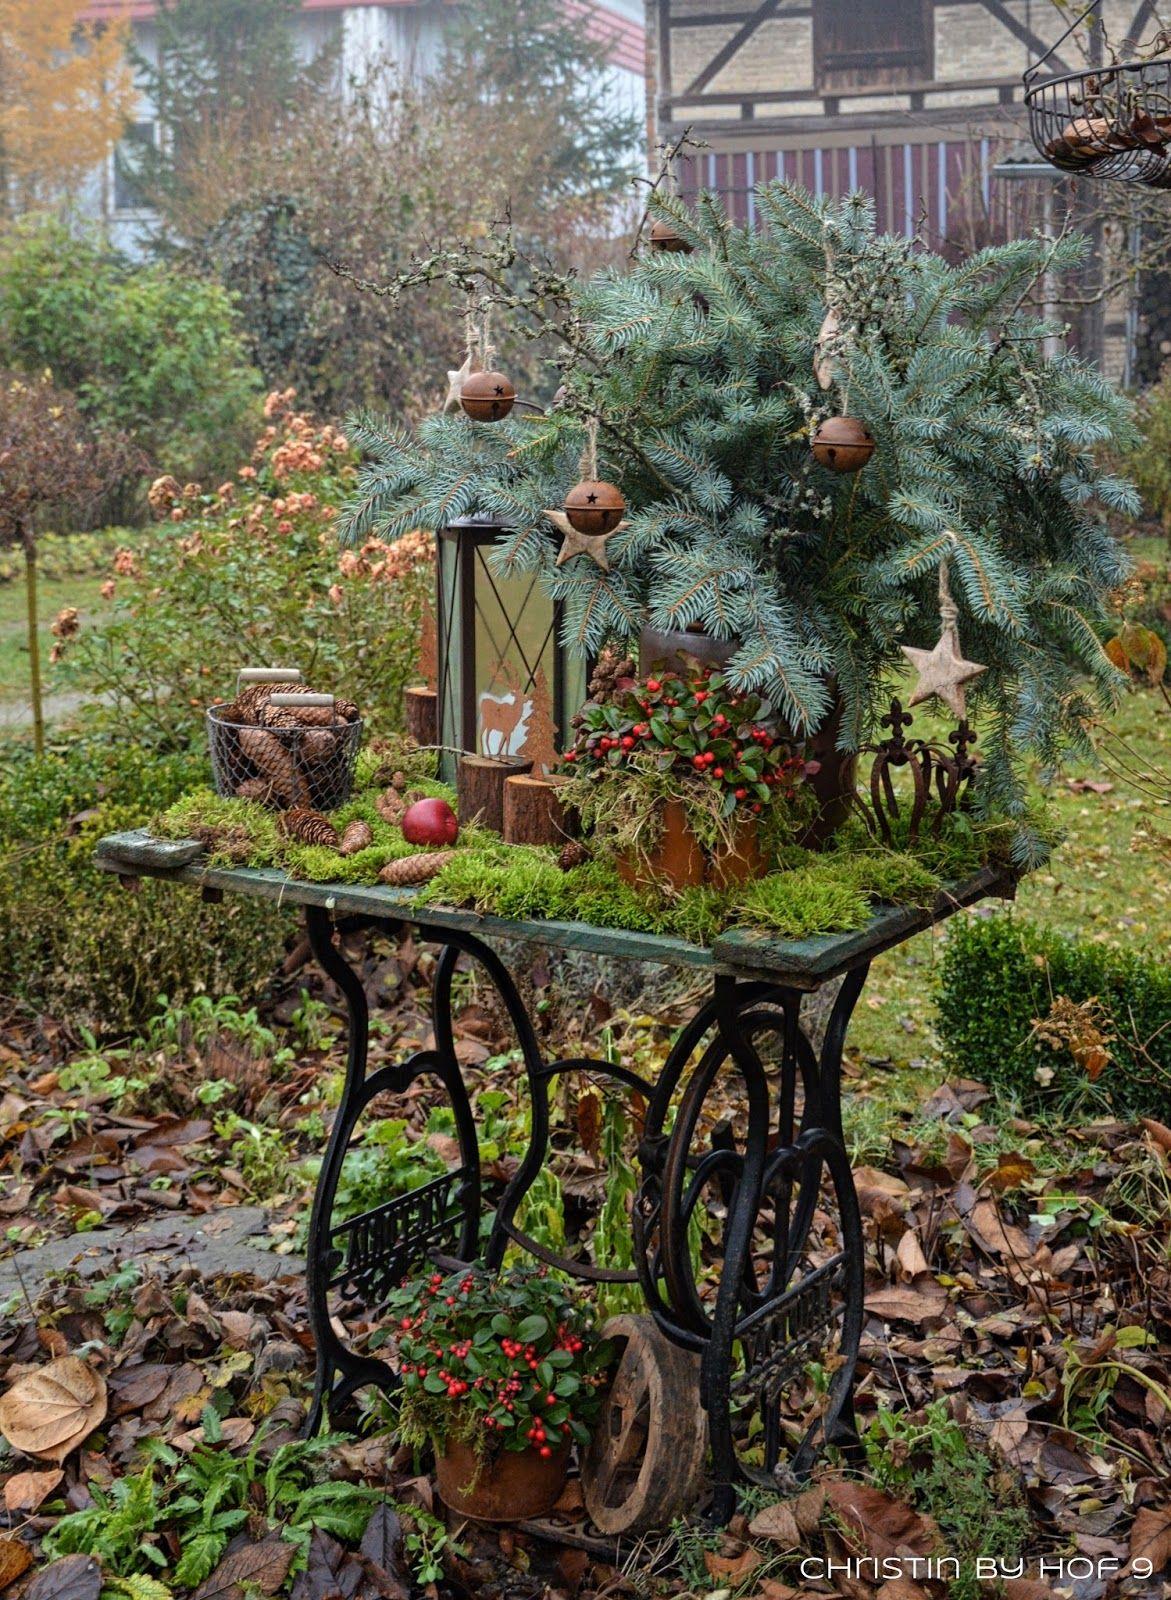 Minigarten im topf diy mini garten zubeh r gunook - Minigarten im topf ...